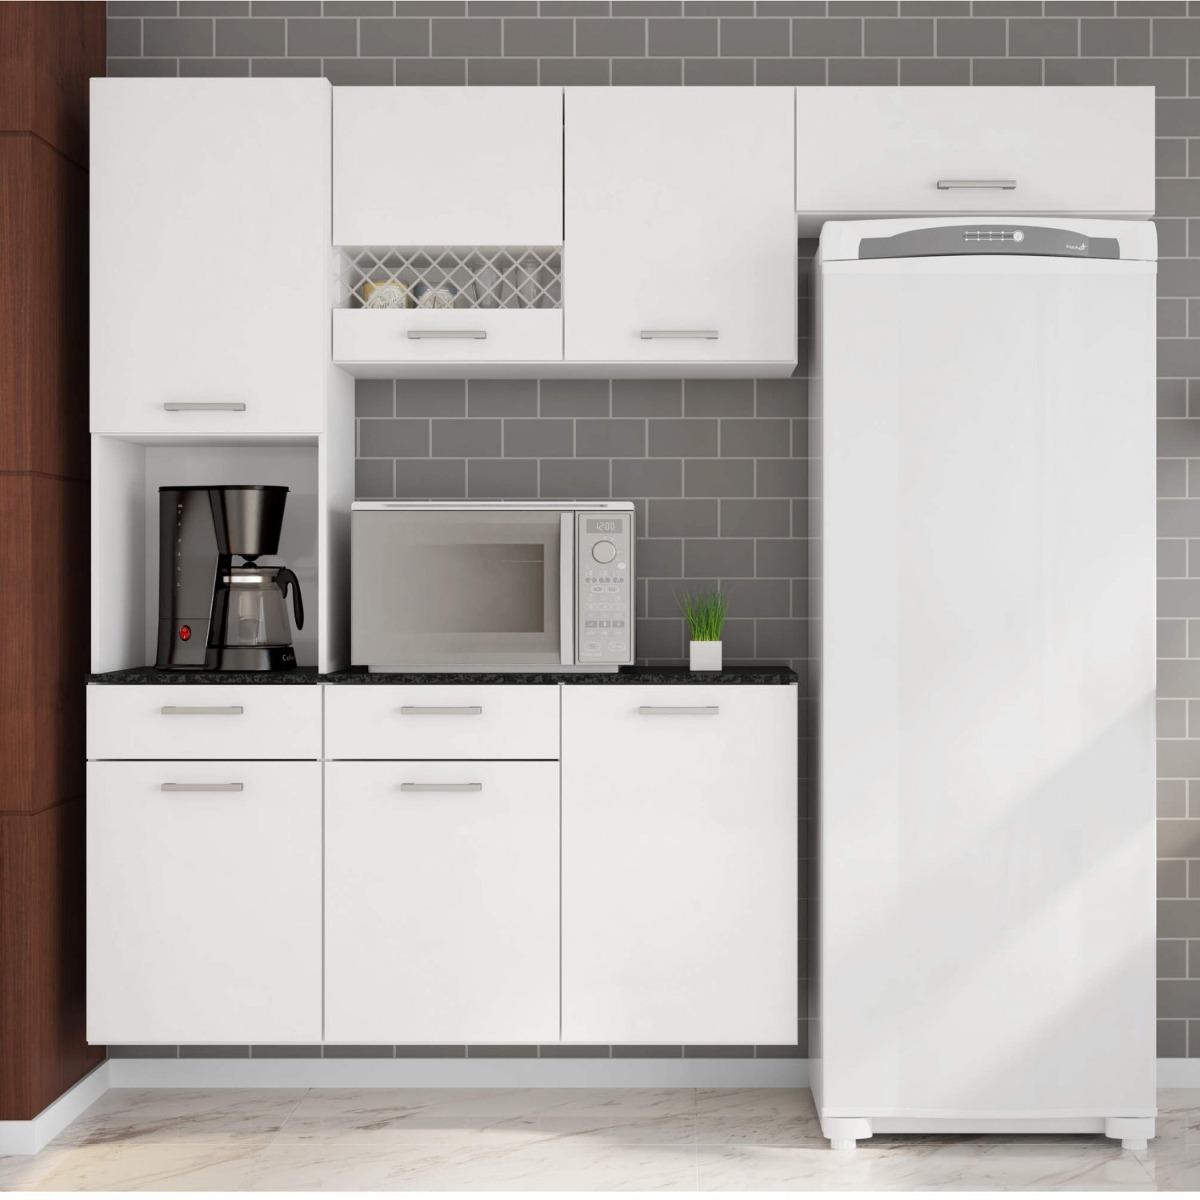 Cozinha Compacta Suspensa Em L Balc O Com Tampo 3 Ij R 519 90 Em